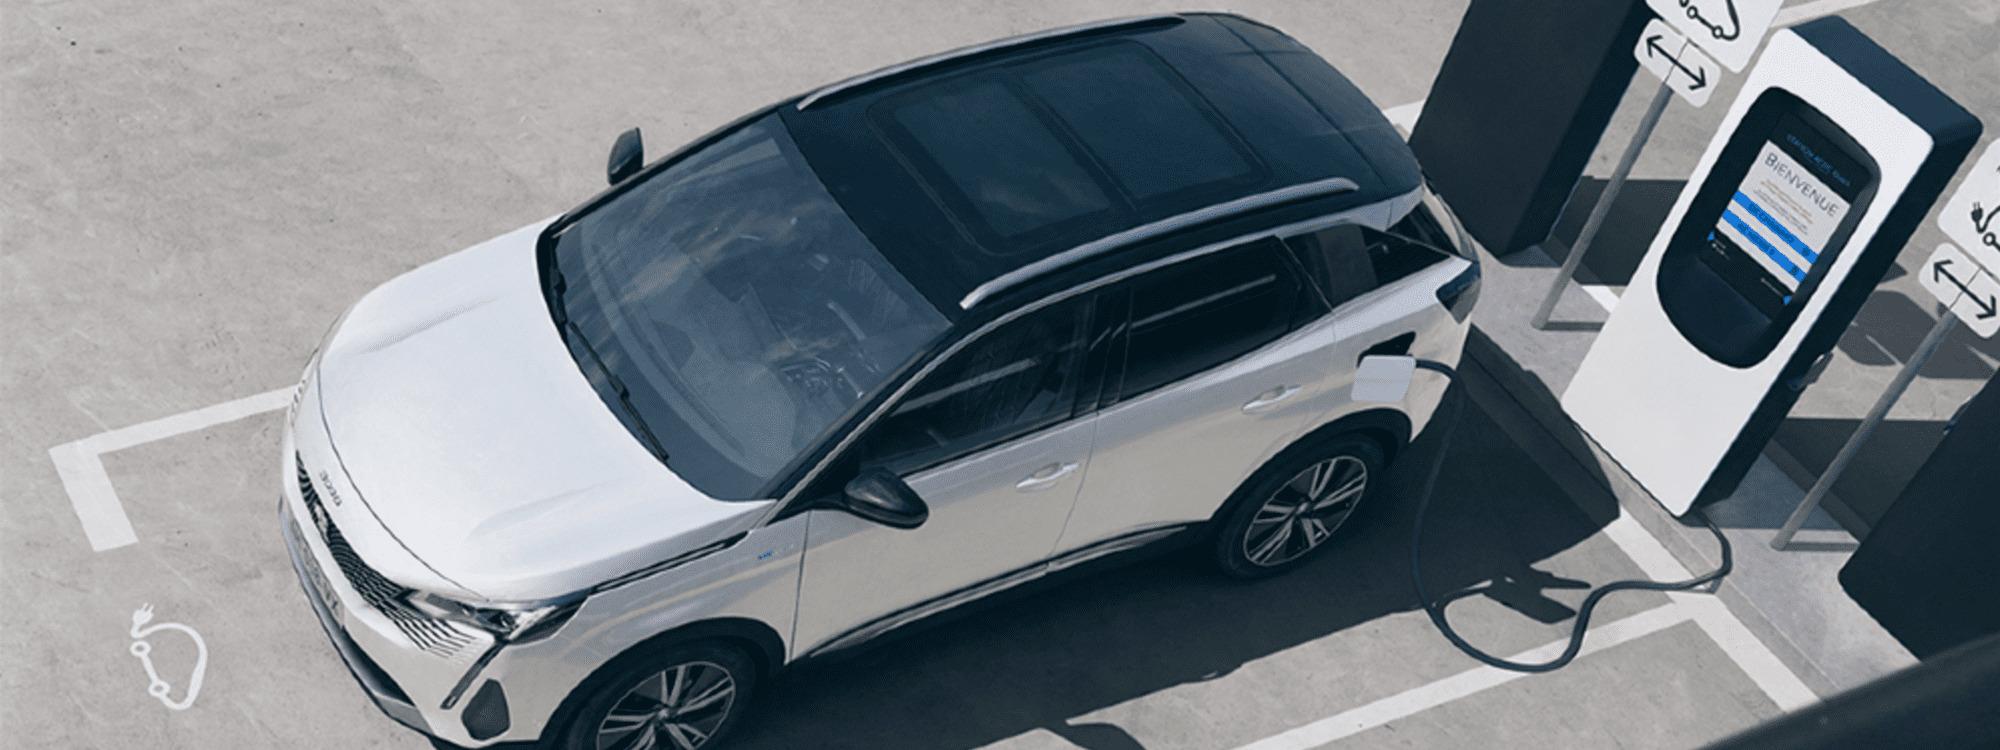 Peugeot presentó el restyling de la 3008